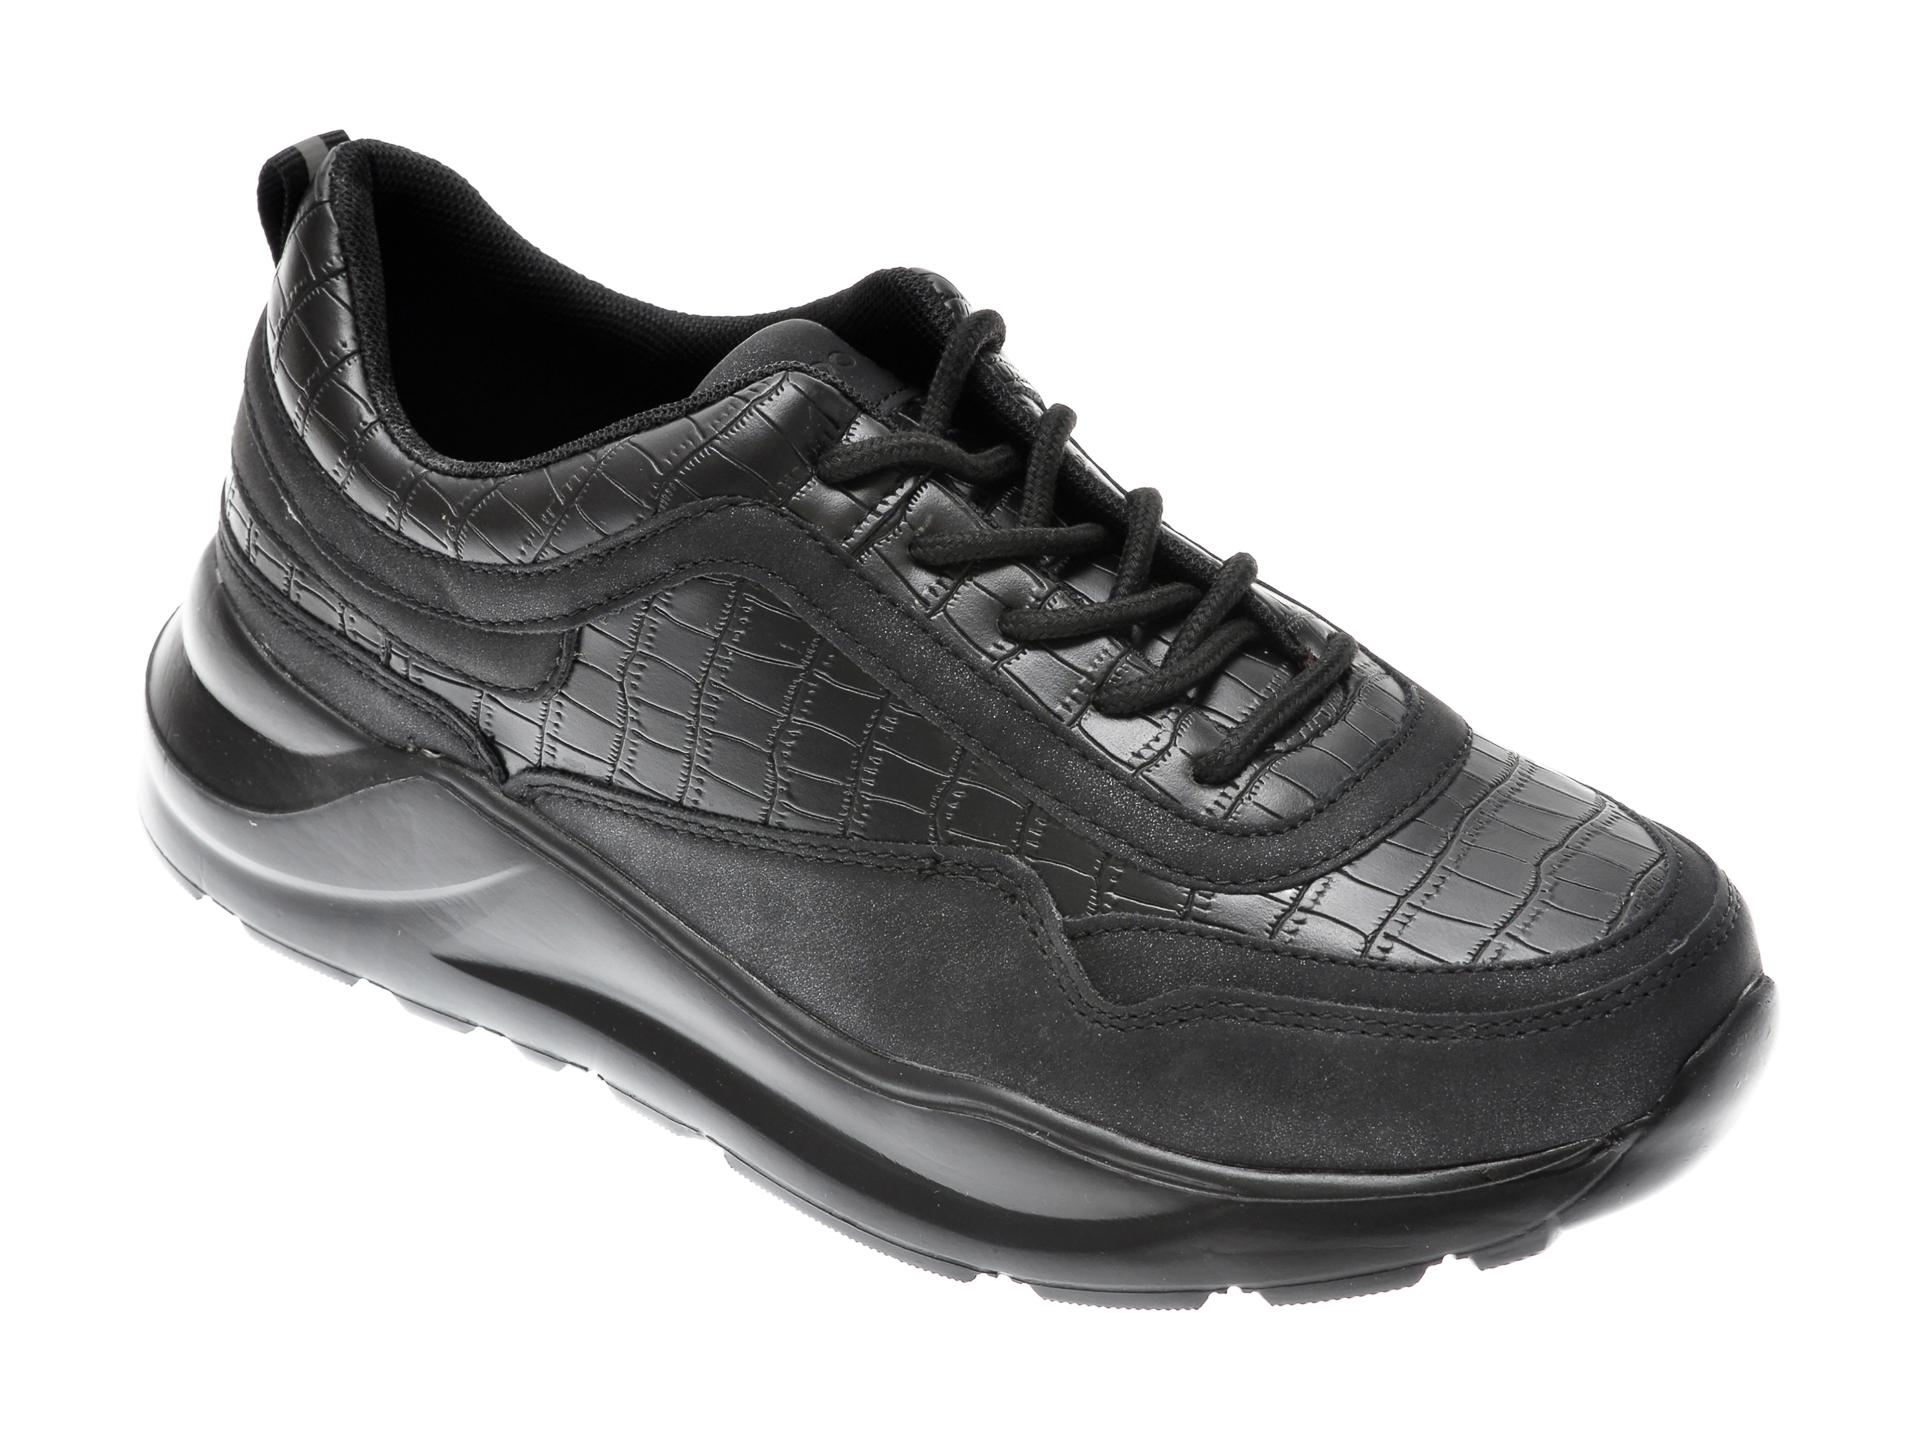 Pantofi ALDO negri, Binx001, din material textil si piele ecologica imagine